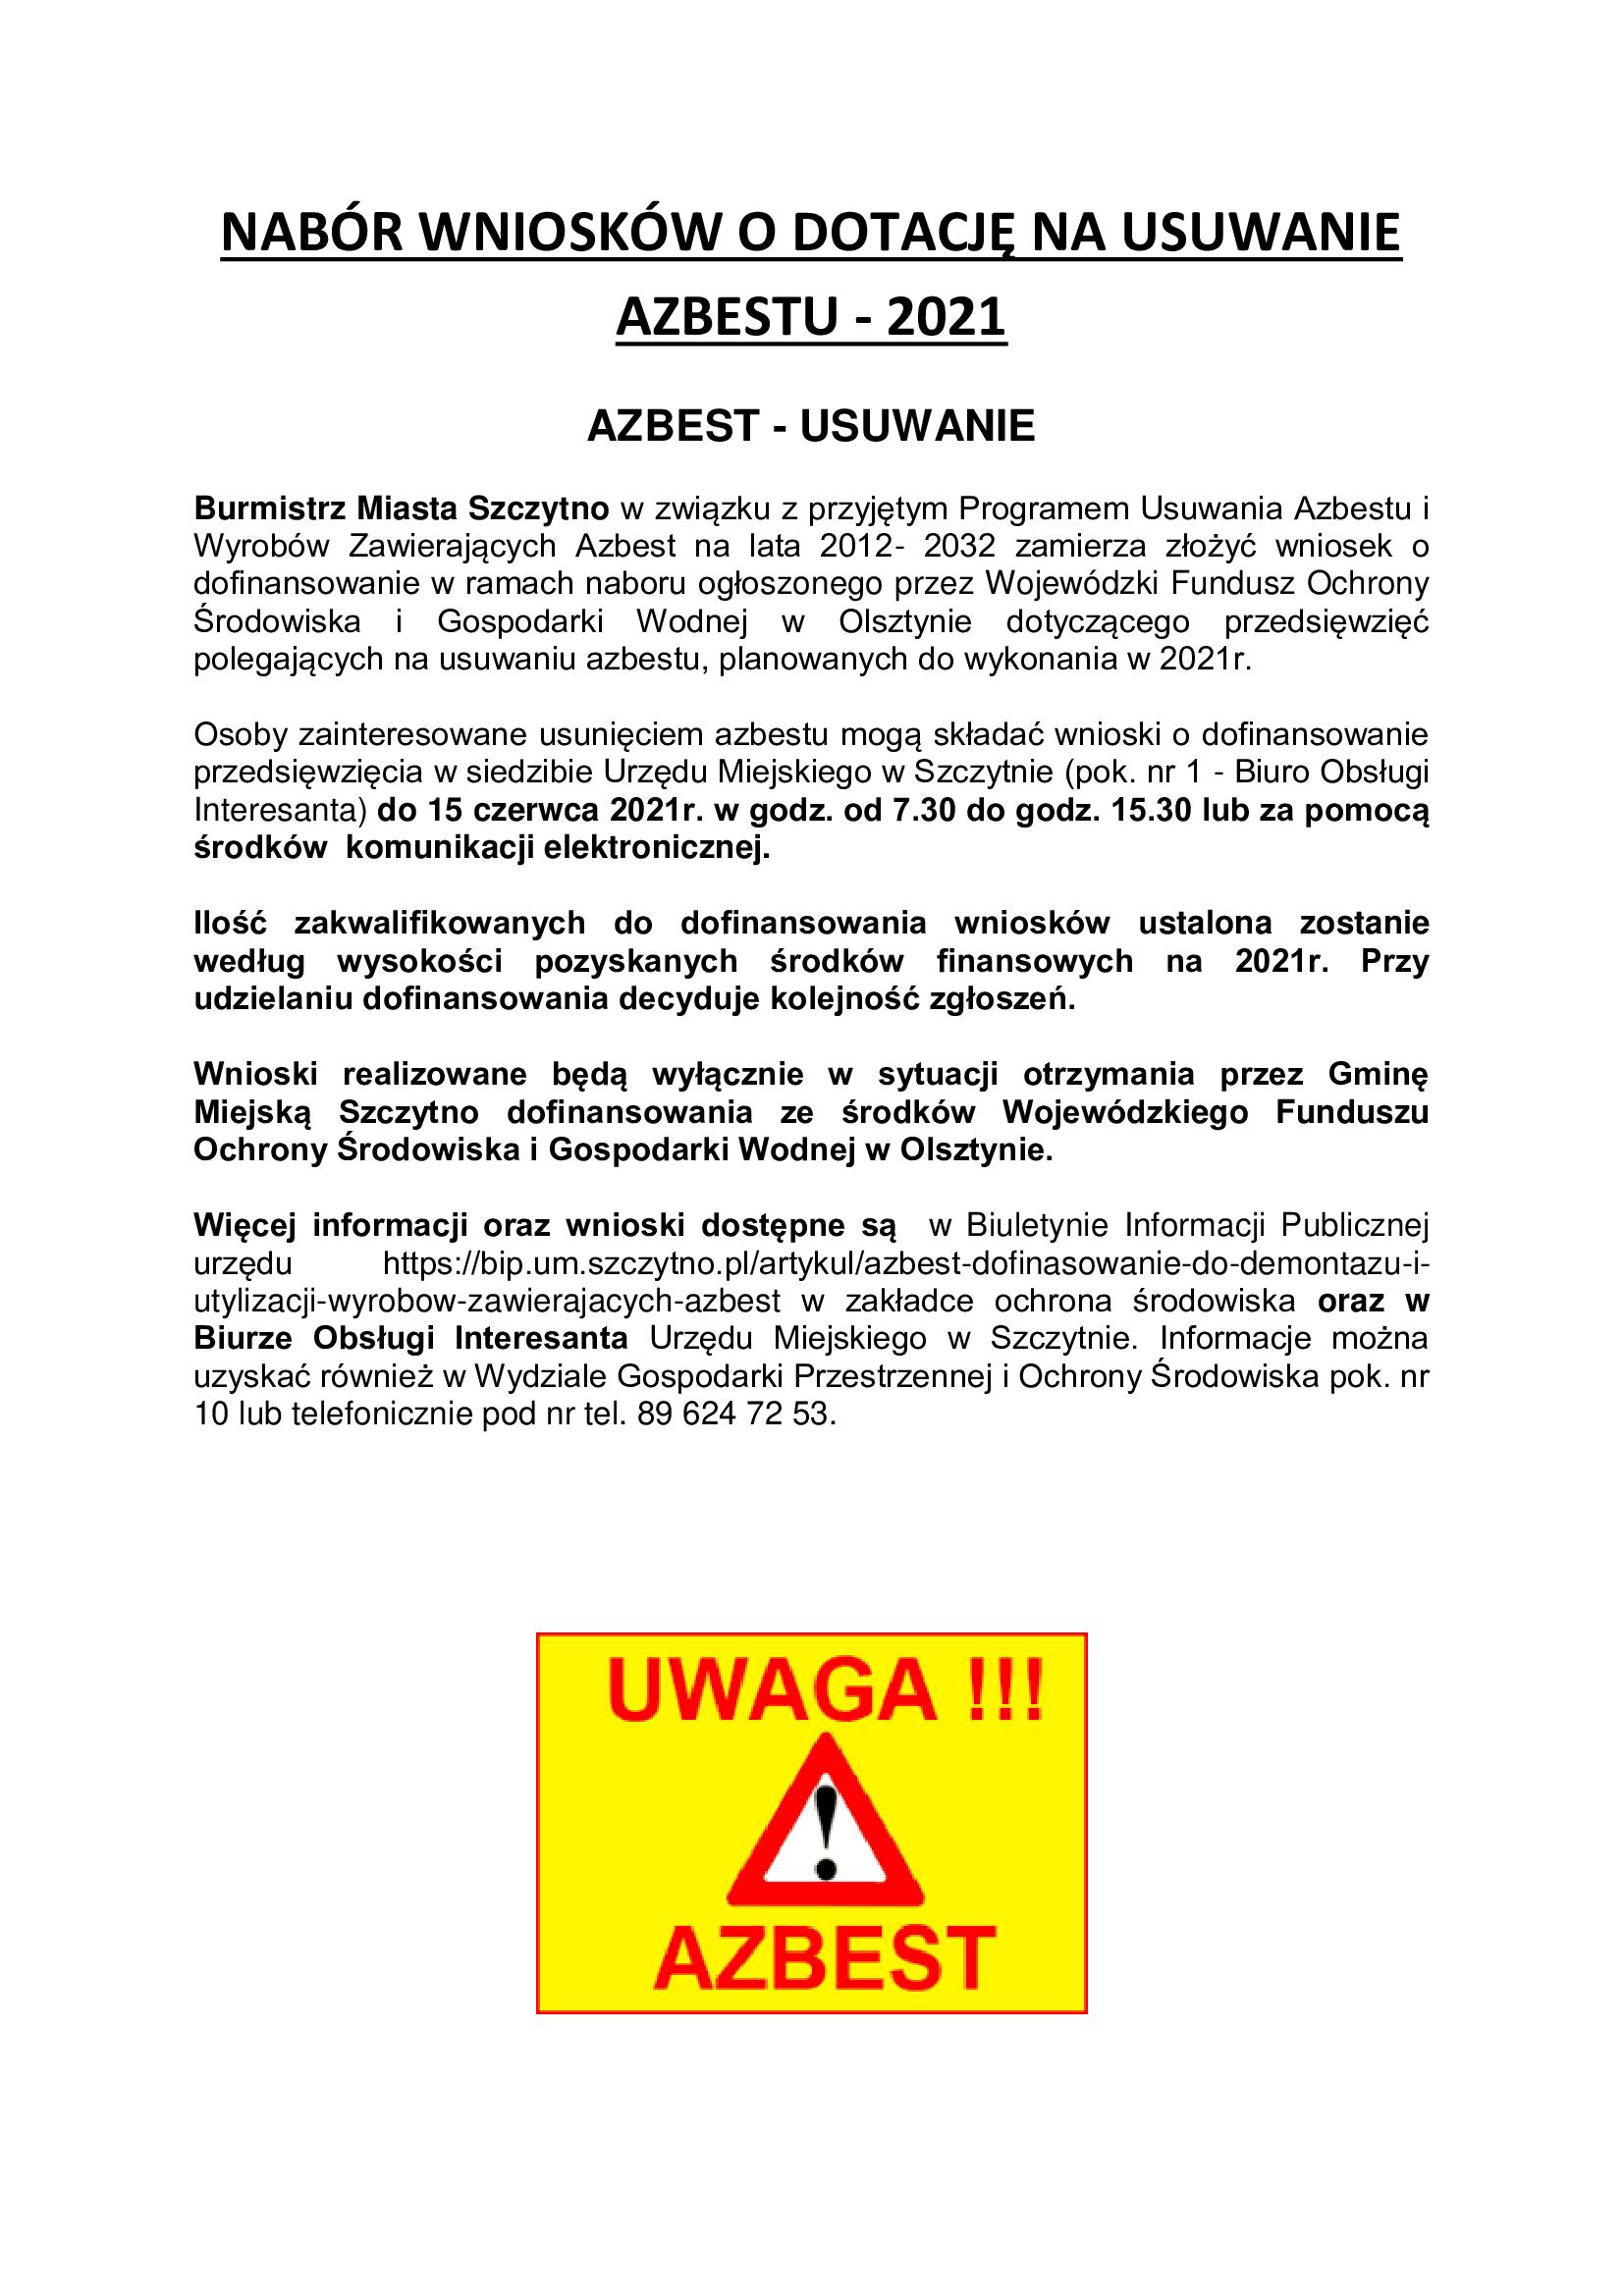 https://m.powiatszczycienski.pl/2021/05/orig/azbest-ogloszenie-strona-itp-40720.png